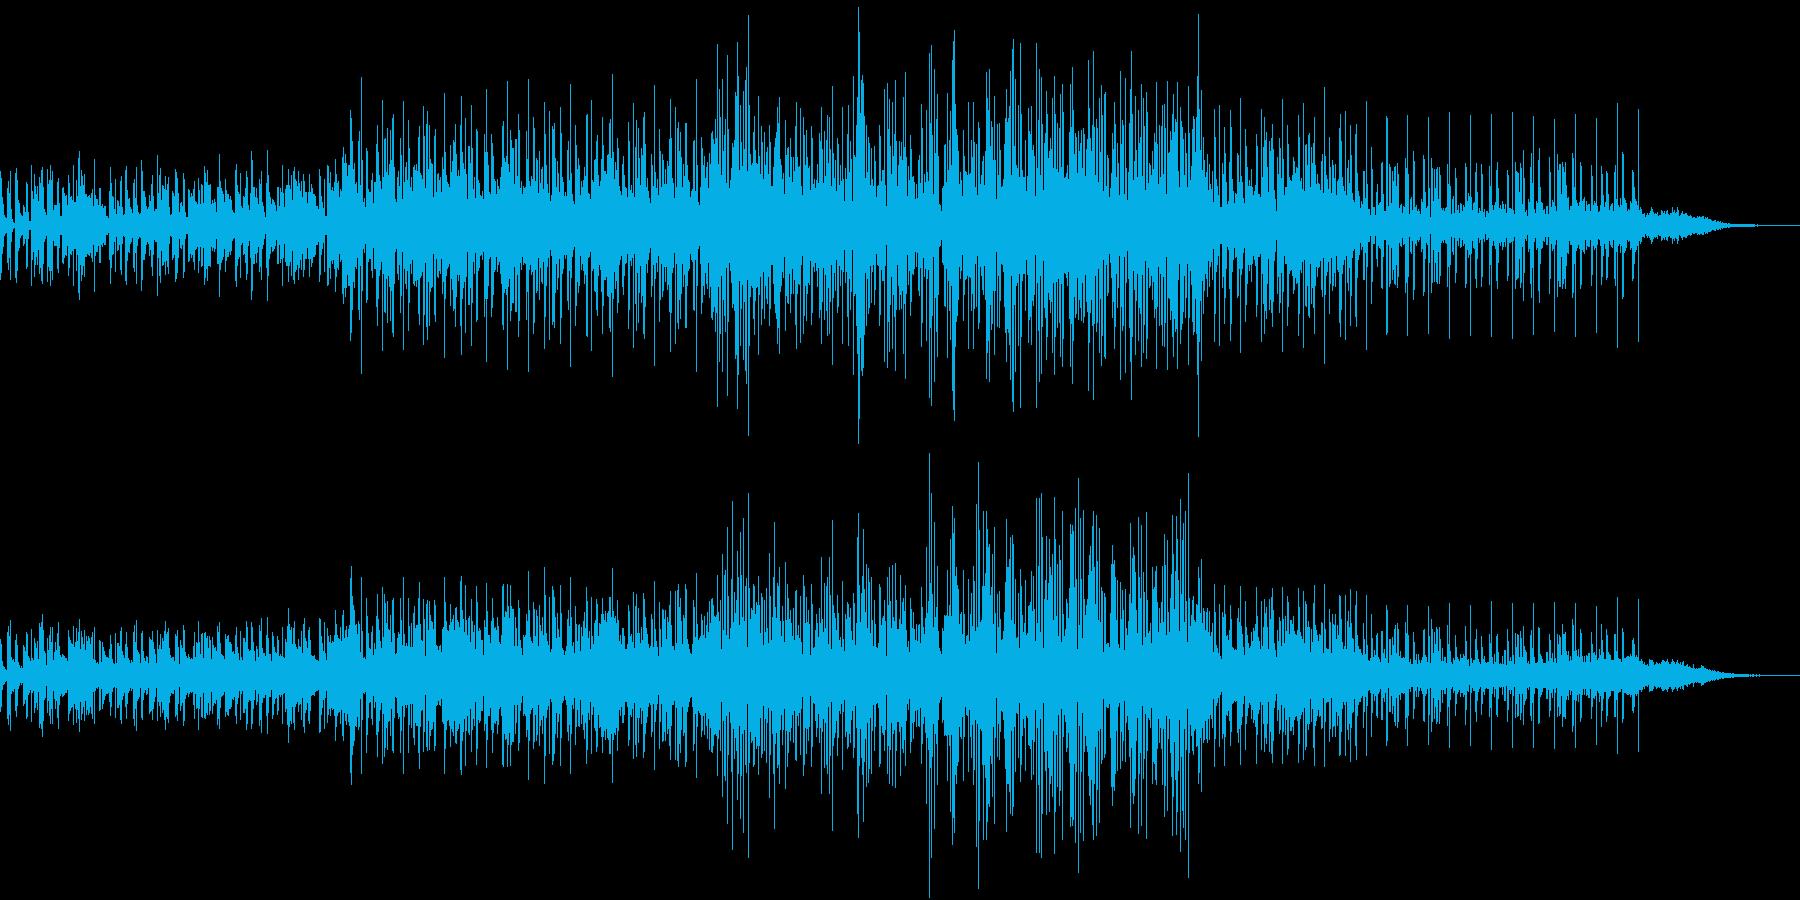 ダークなエレクトロニカ曲の再生済みの波形